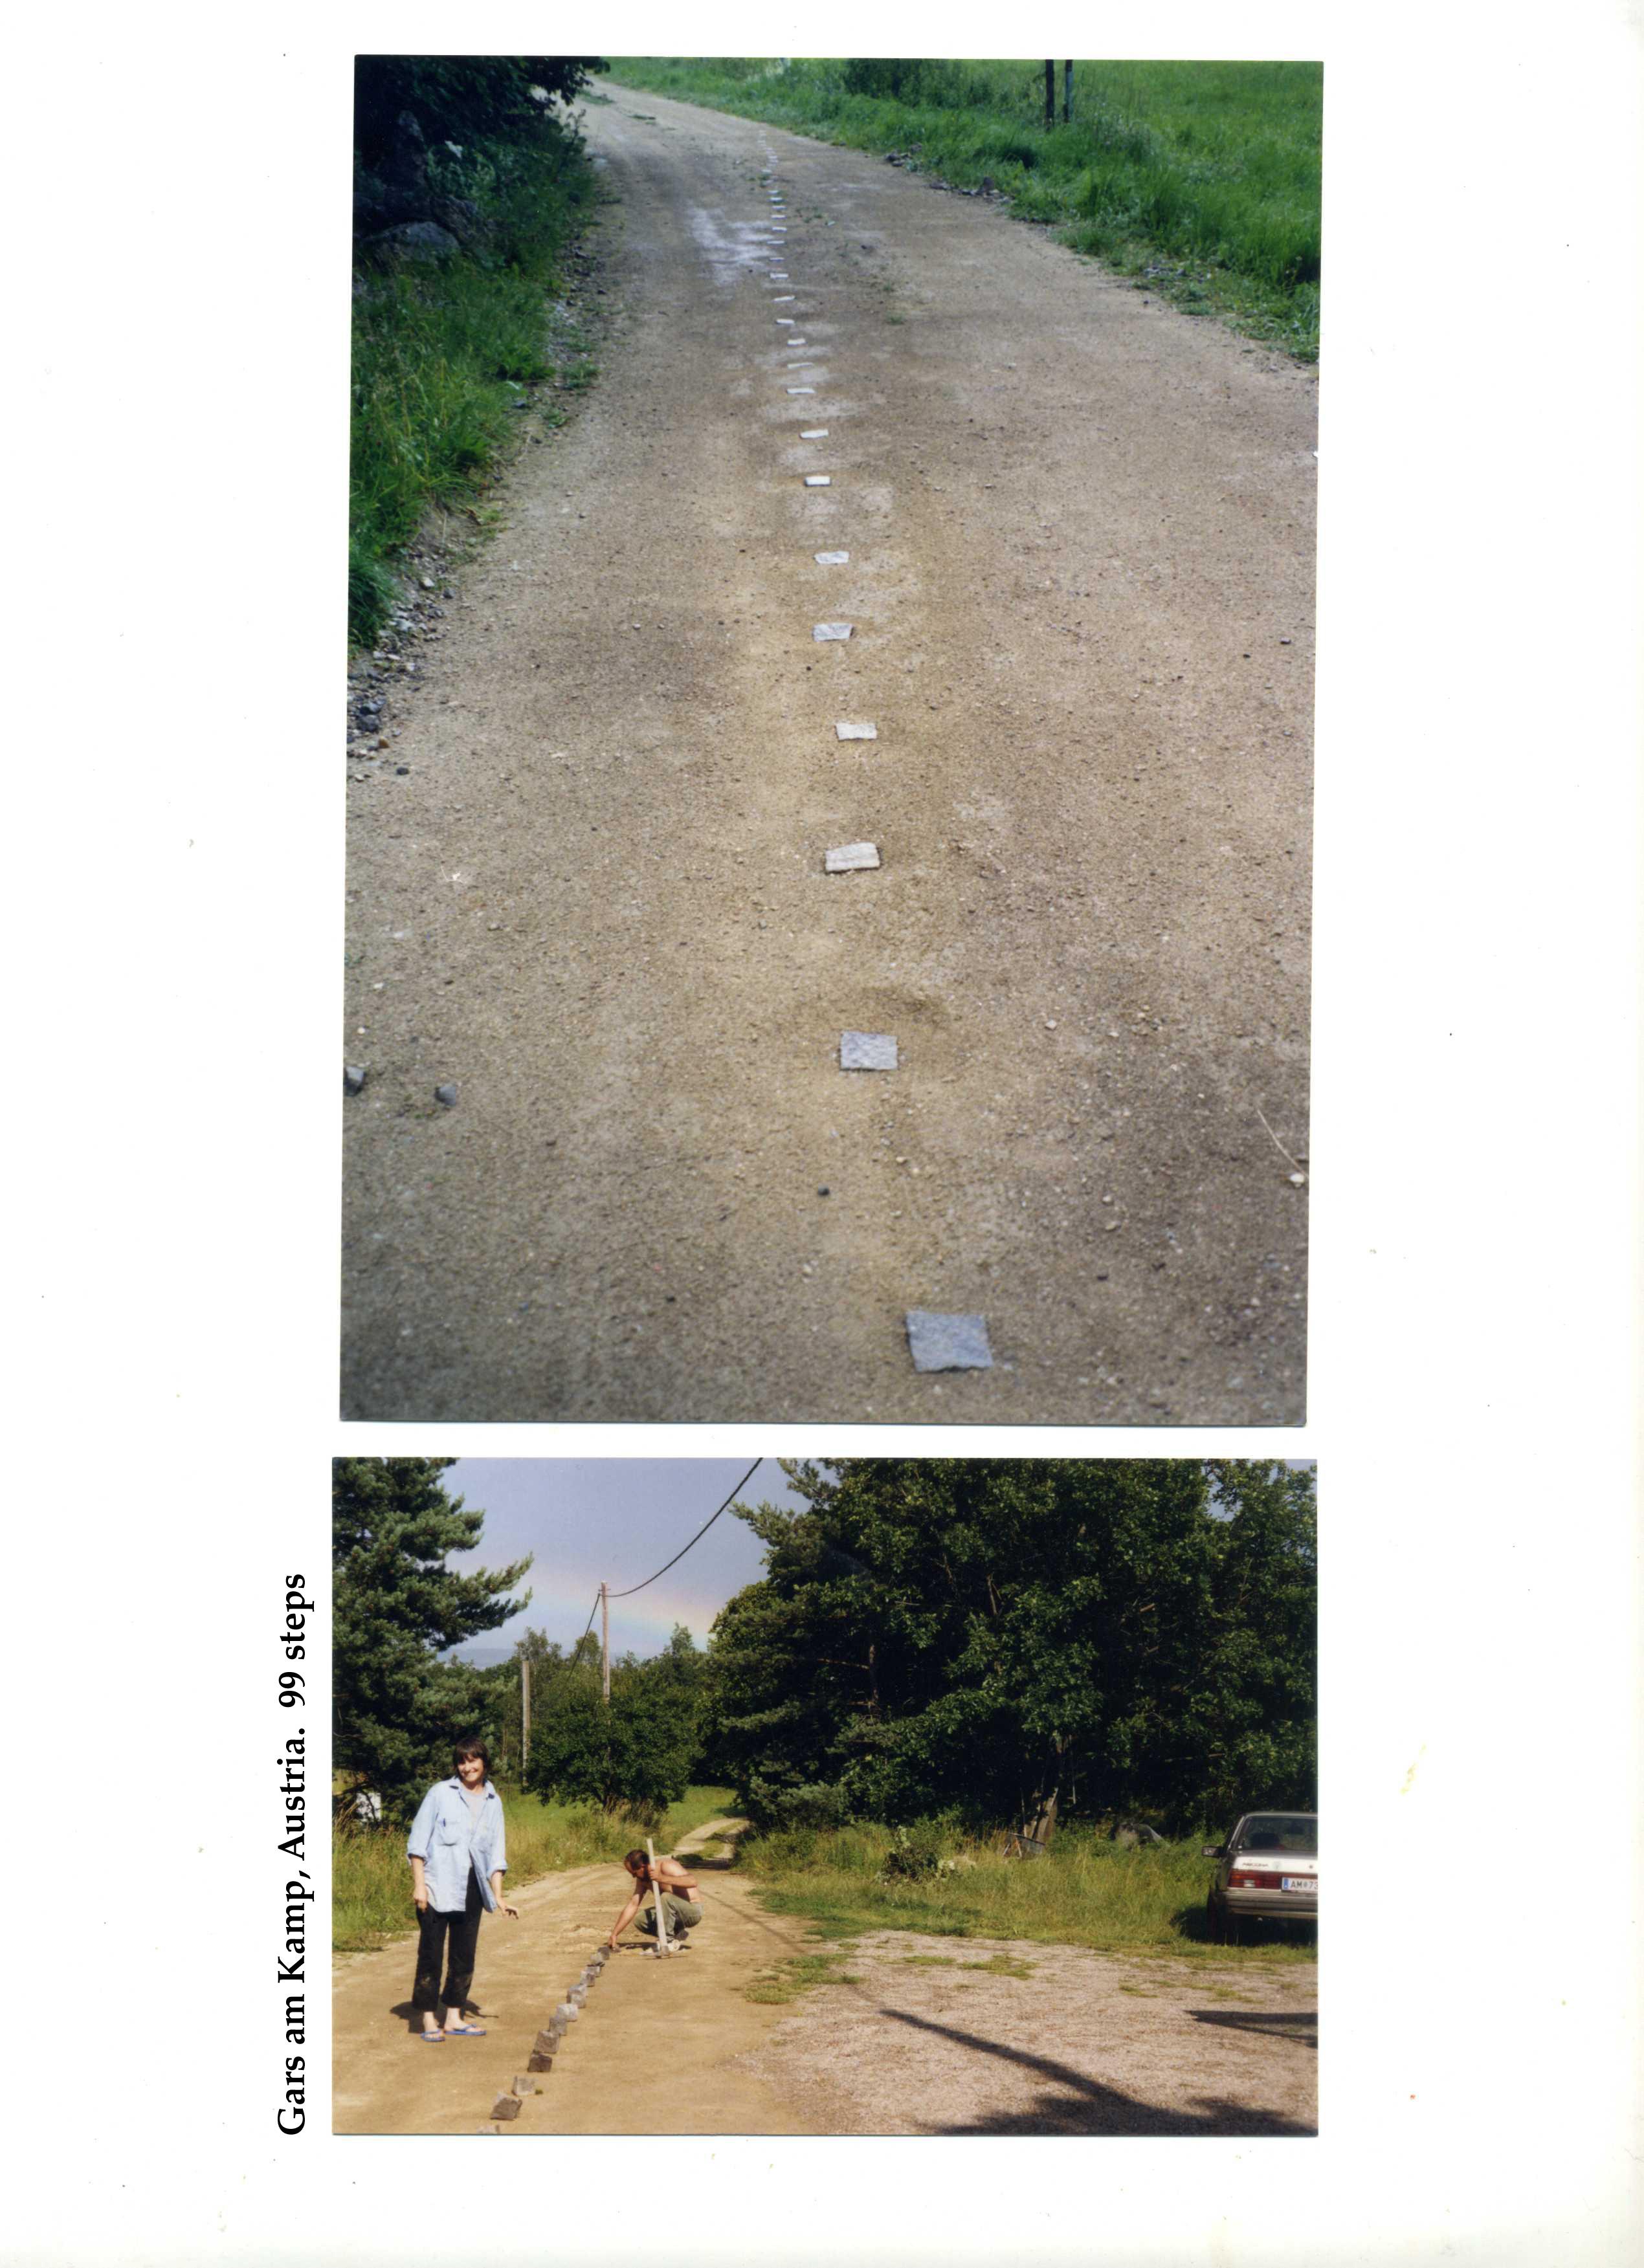 Анна Сидоренко. Енвайронмент «99 кроків», 2004, Gars am Kamp, Австрія